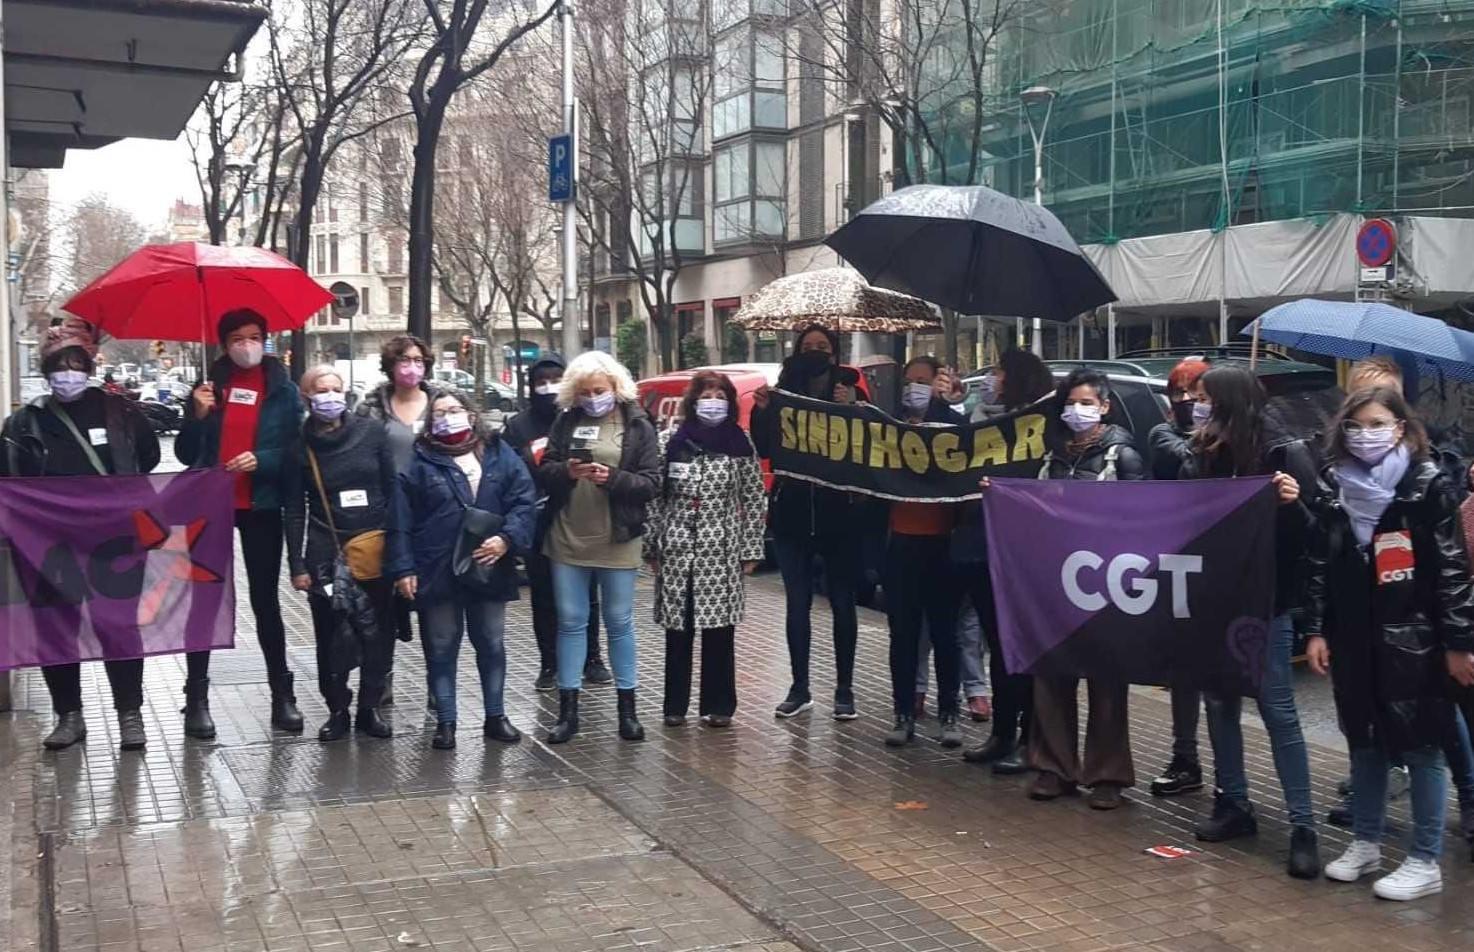 Convocada Vaga General feminista pel 8 de març 2021 a Catalunya